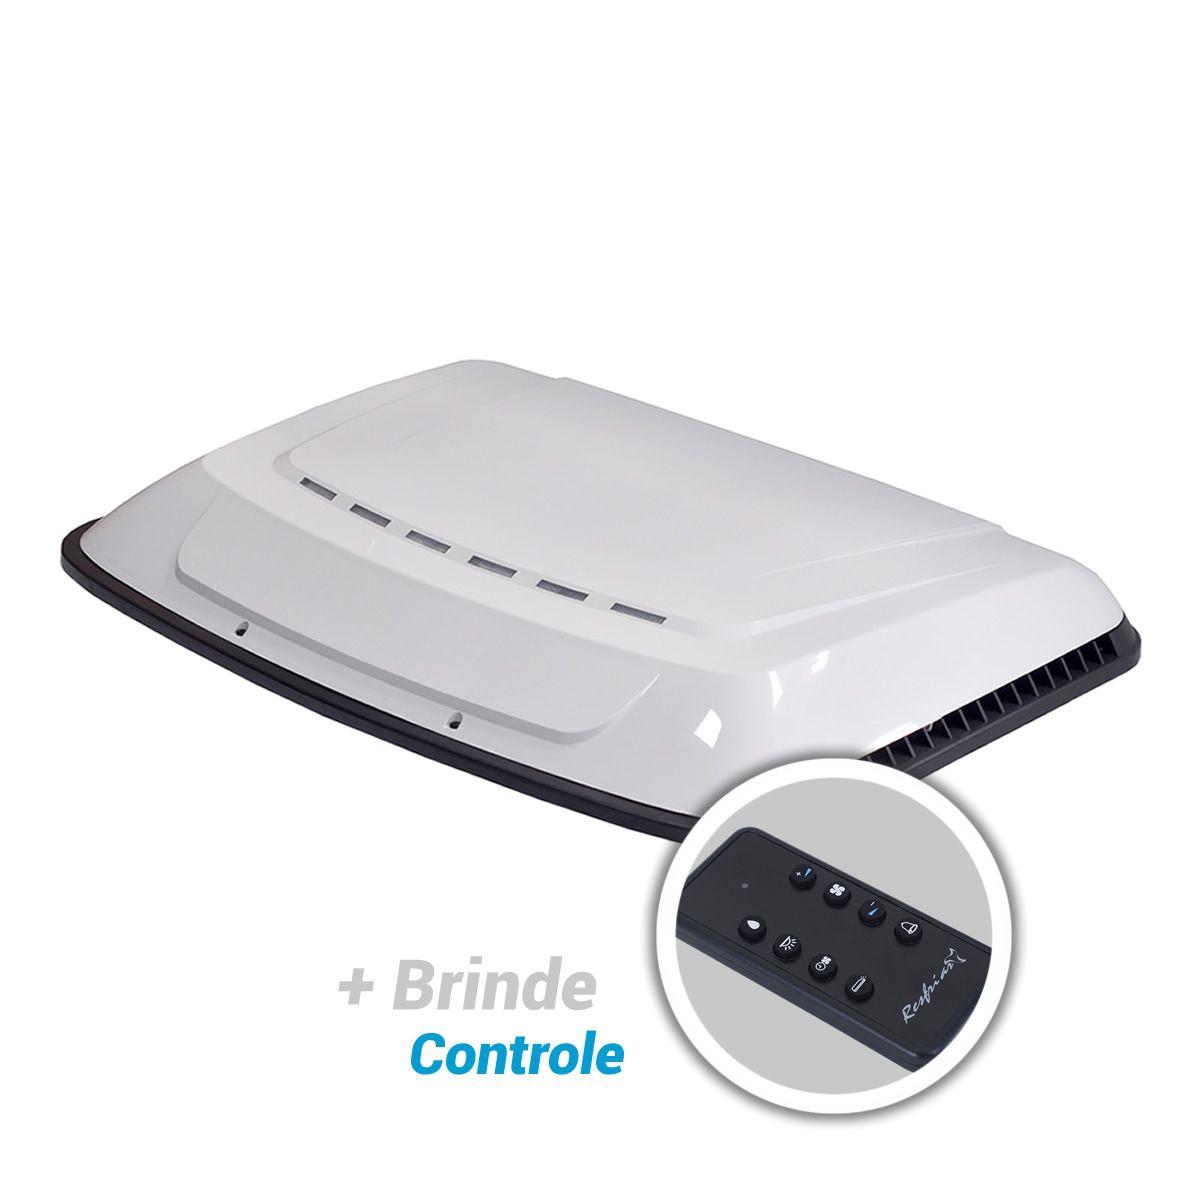 Climatizador de Ar Resfriar R4 Digital com Controle